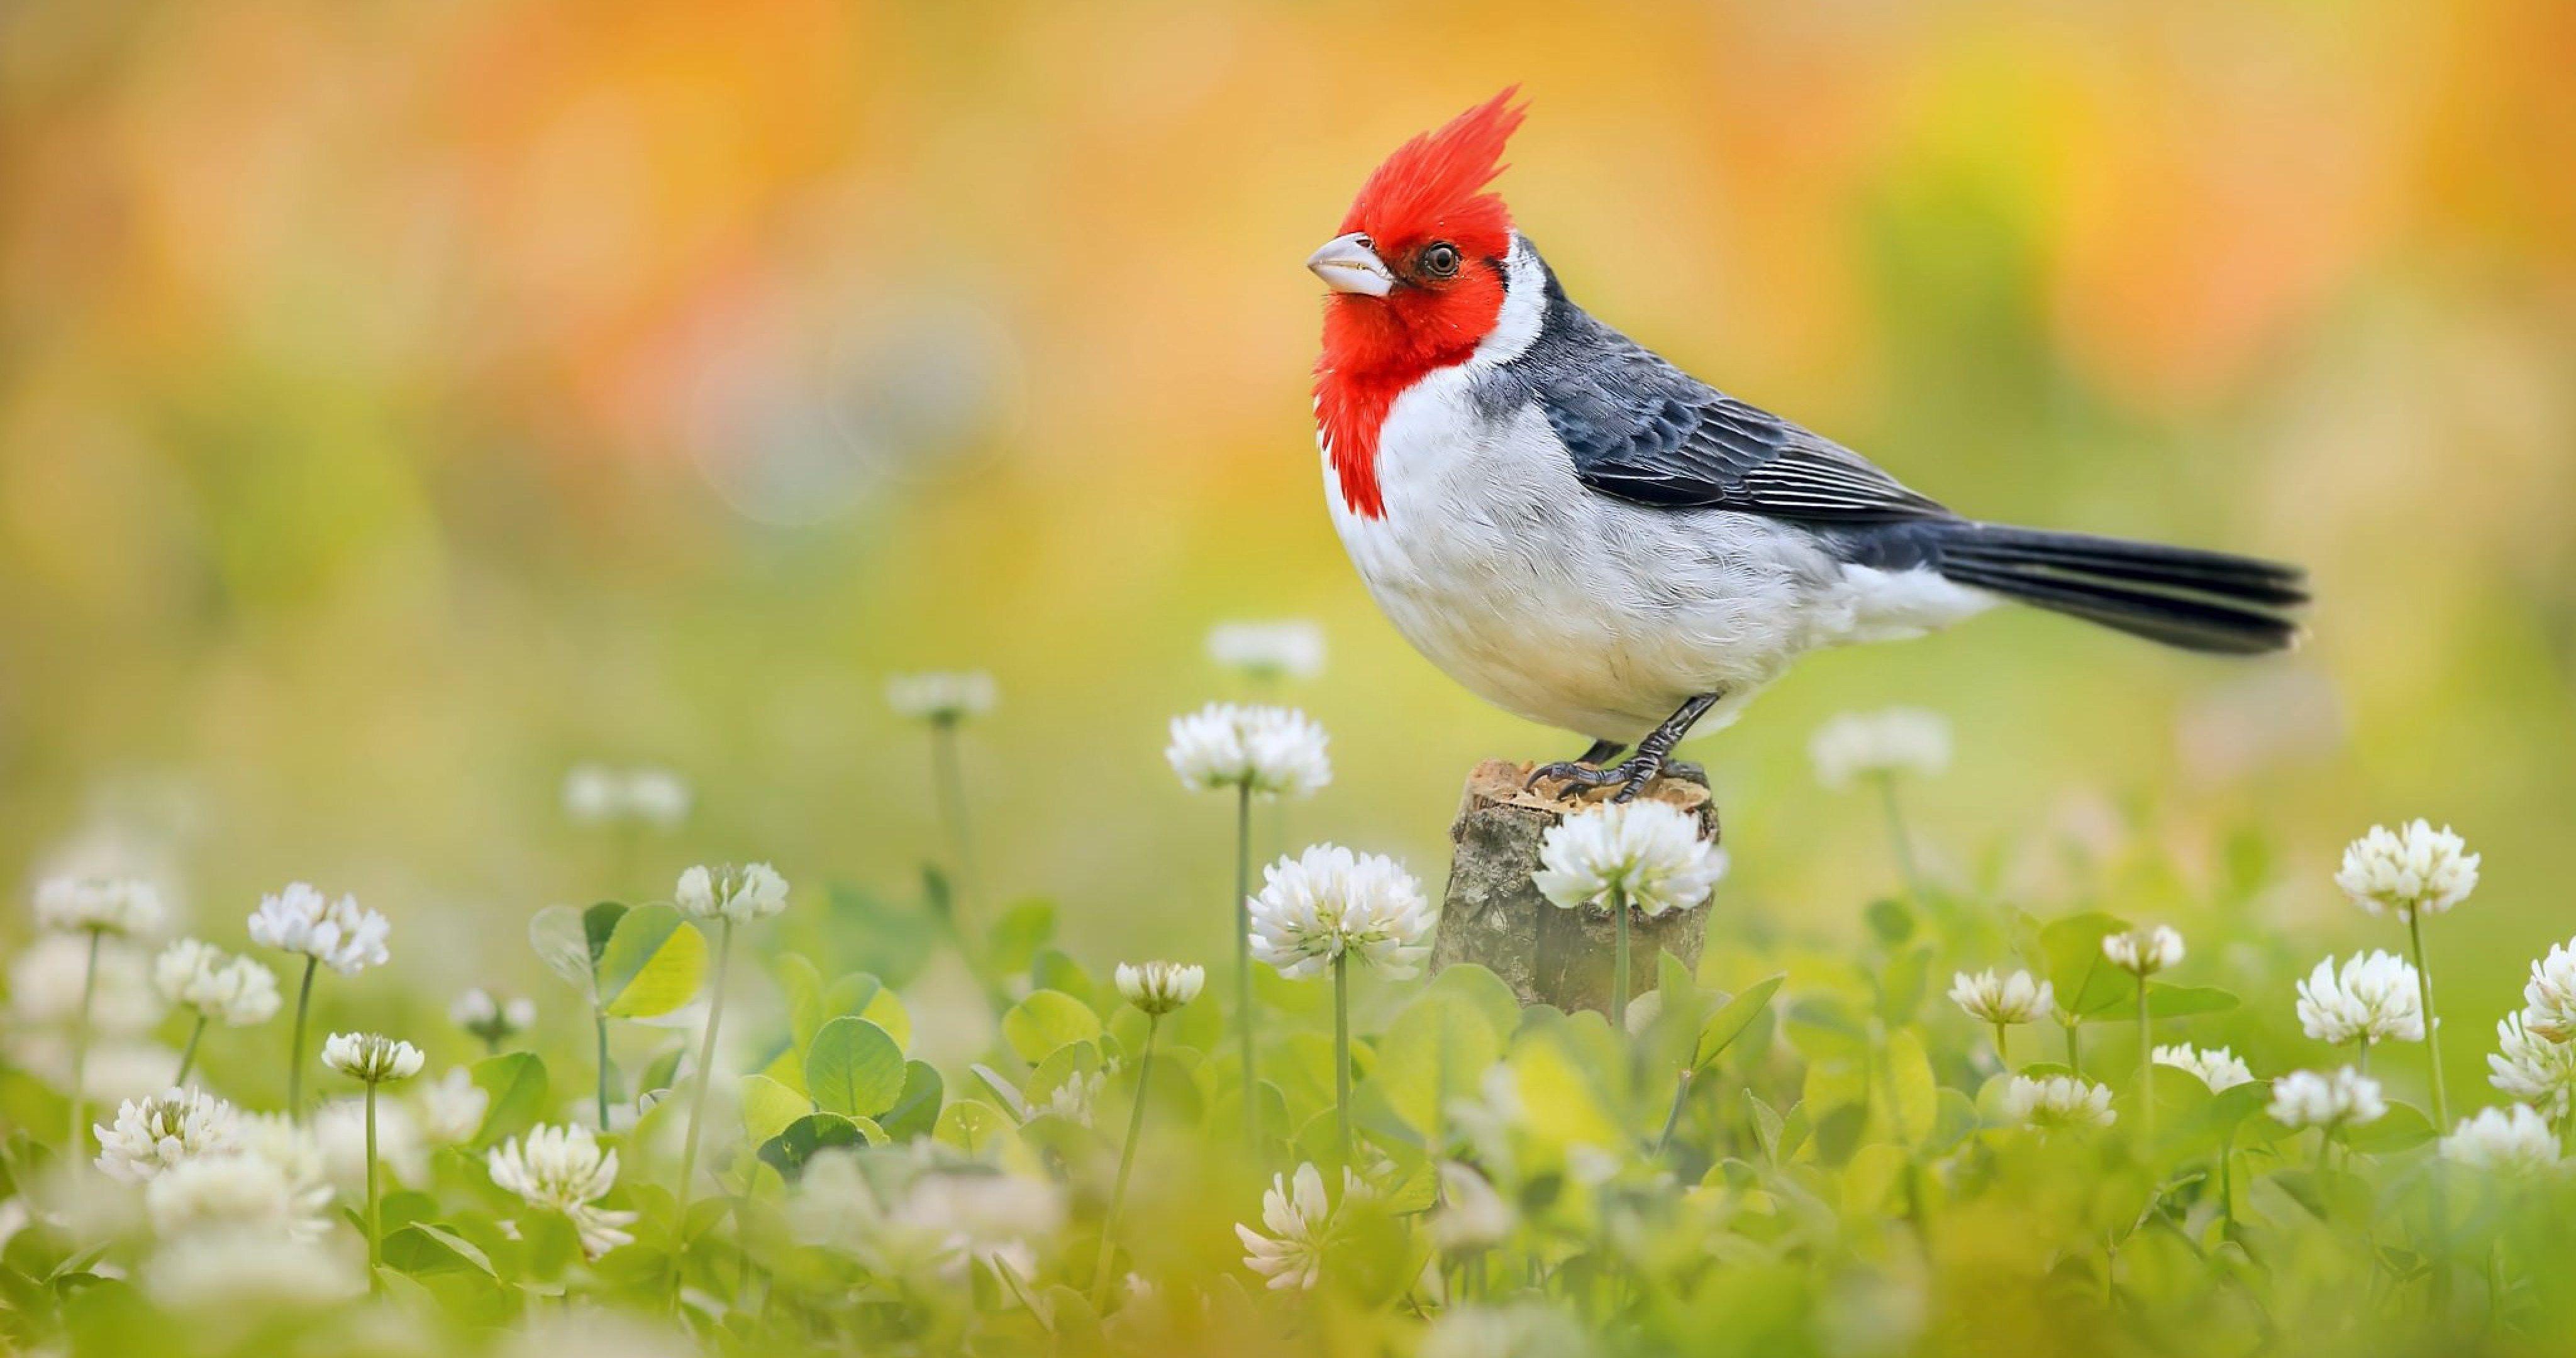 Bird 4k Wallpapers Top Free Bird 4k Backgrounds Wallpaperaccess